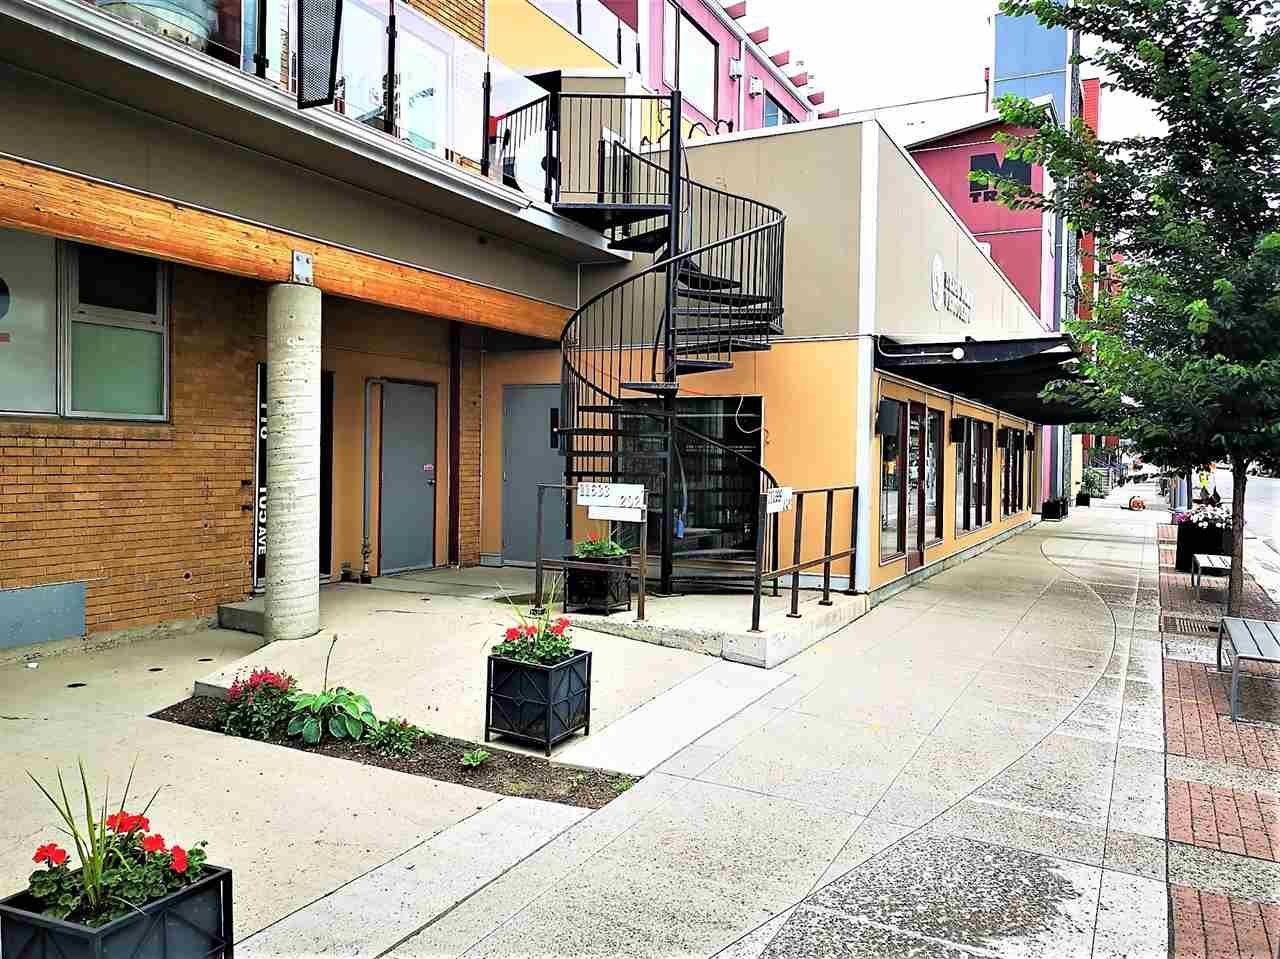 Main Photo: 210 11633 105 Avenue in Edmonton: Zone 08 Condo for sale : MLS®# E4167008